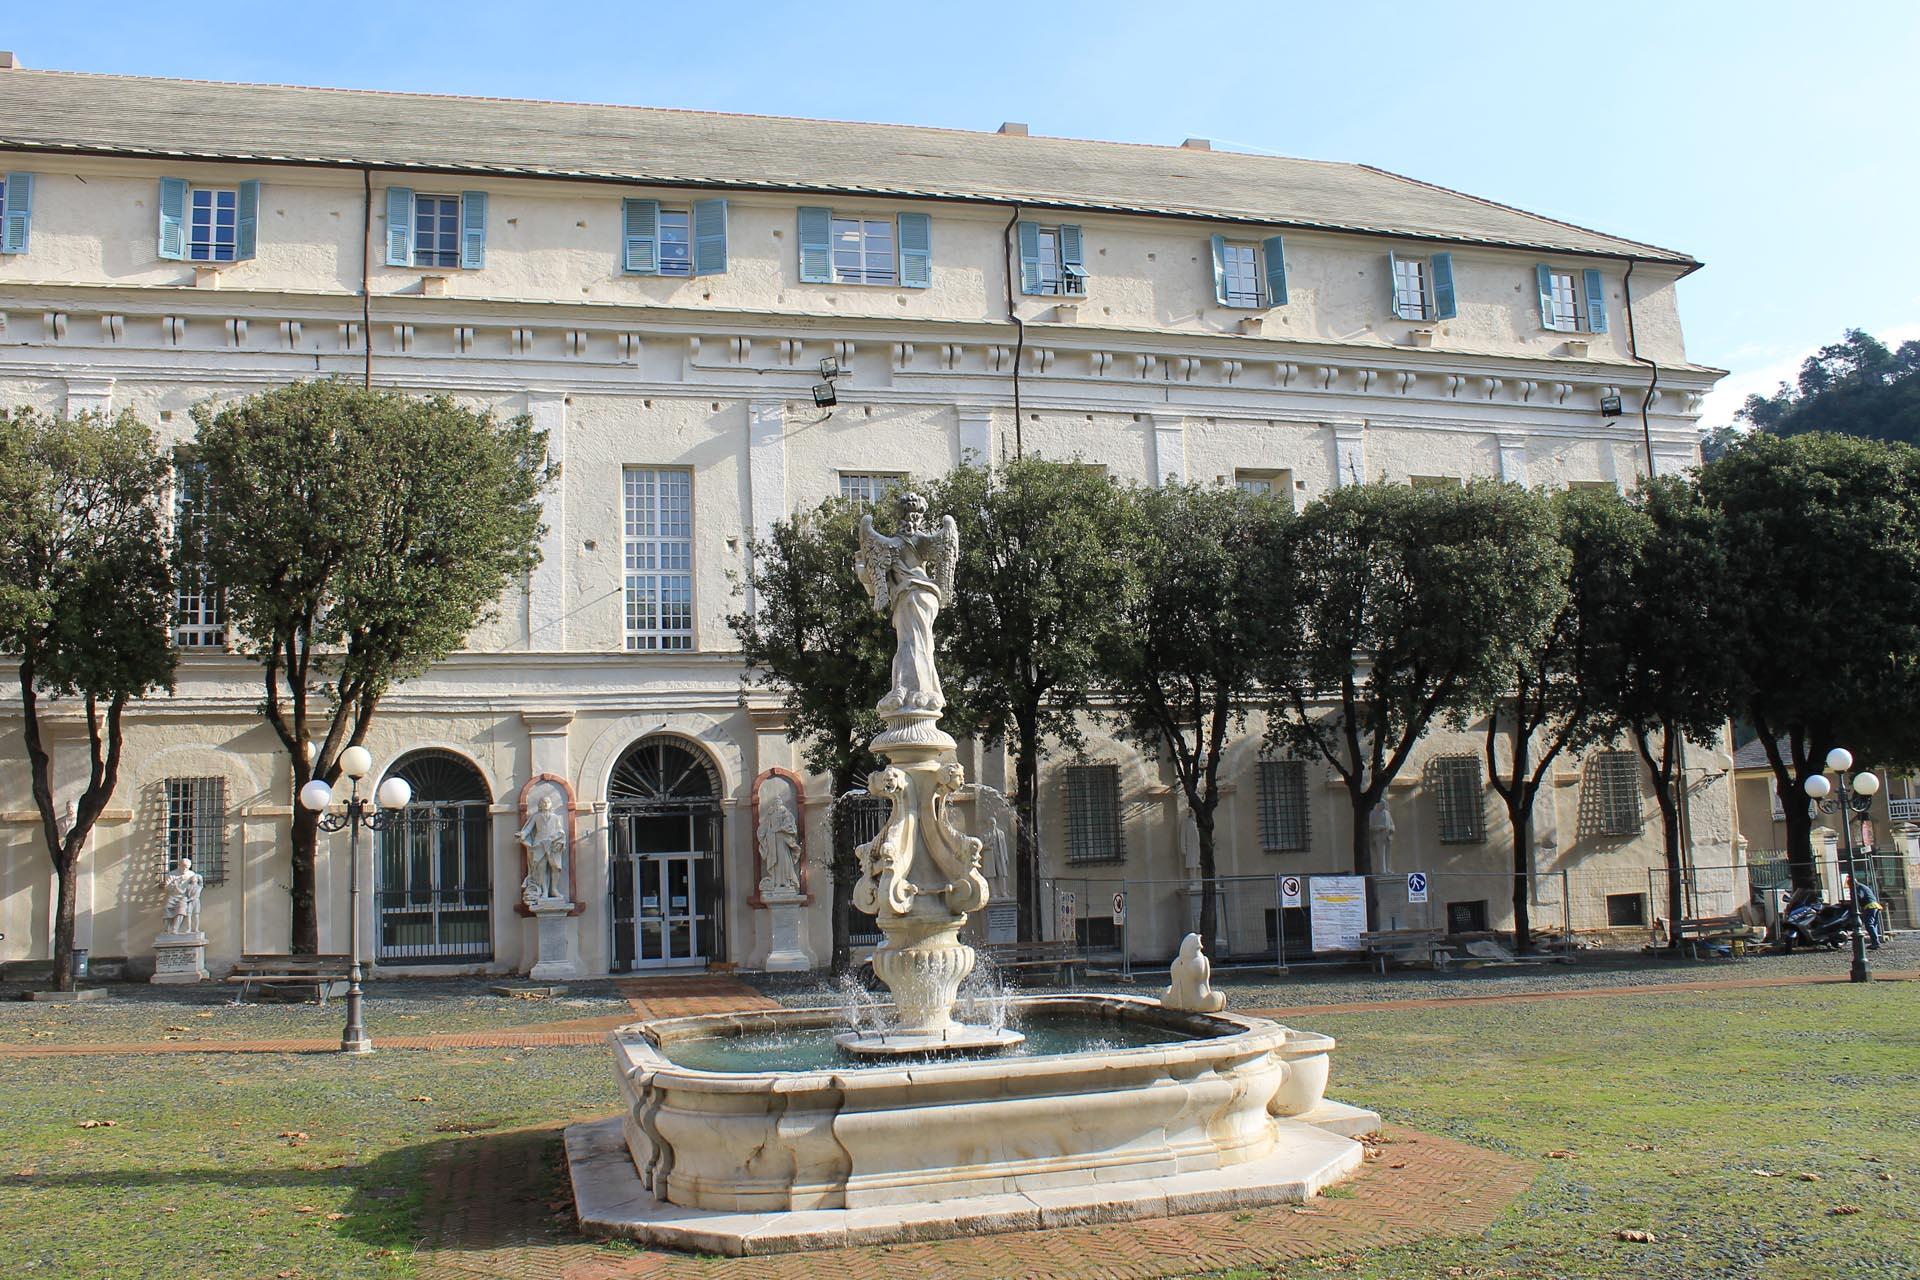 Residenza Sanitaria Assistenziale Santuario - Piazza Santuario 4 - Savona - RSA Anziani - Residenze per Anziani